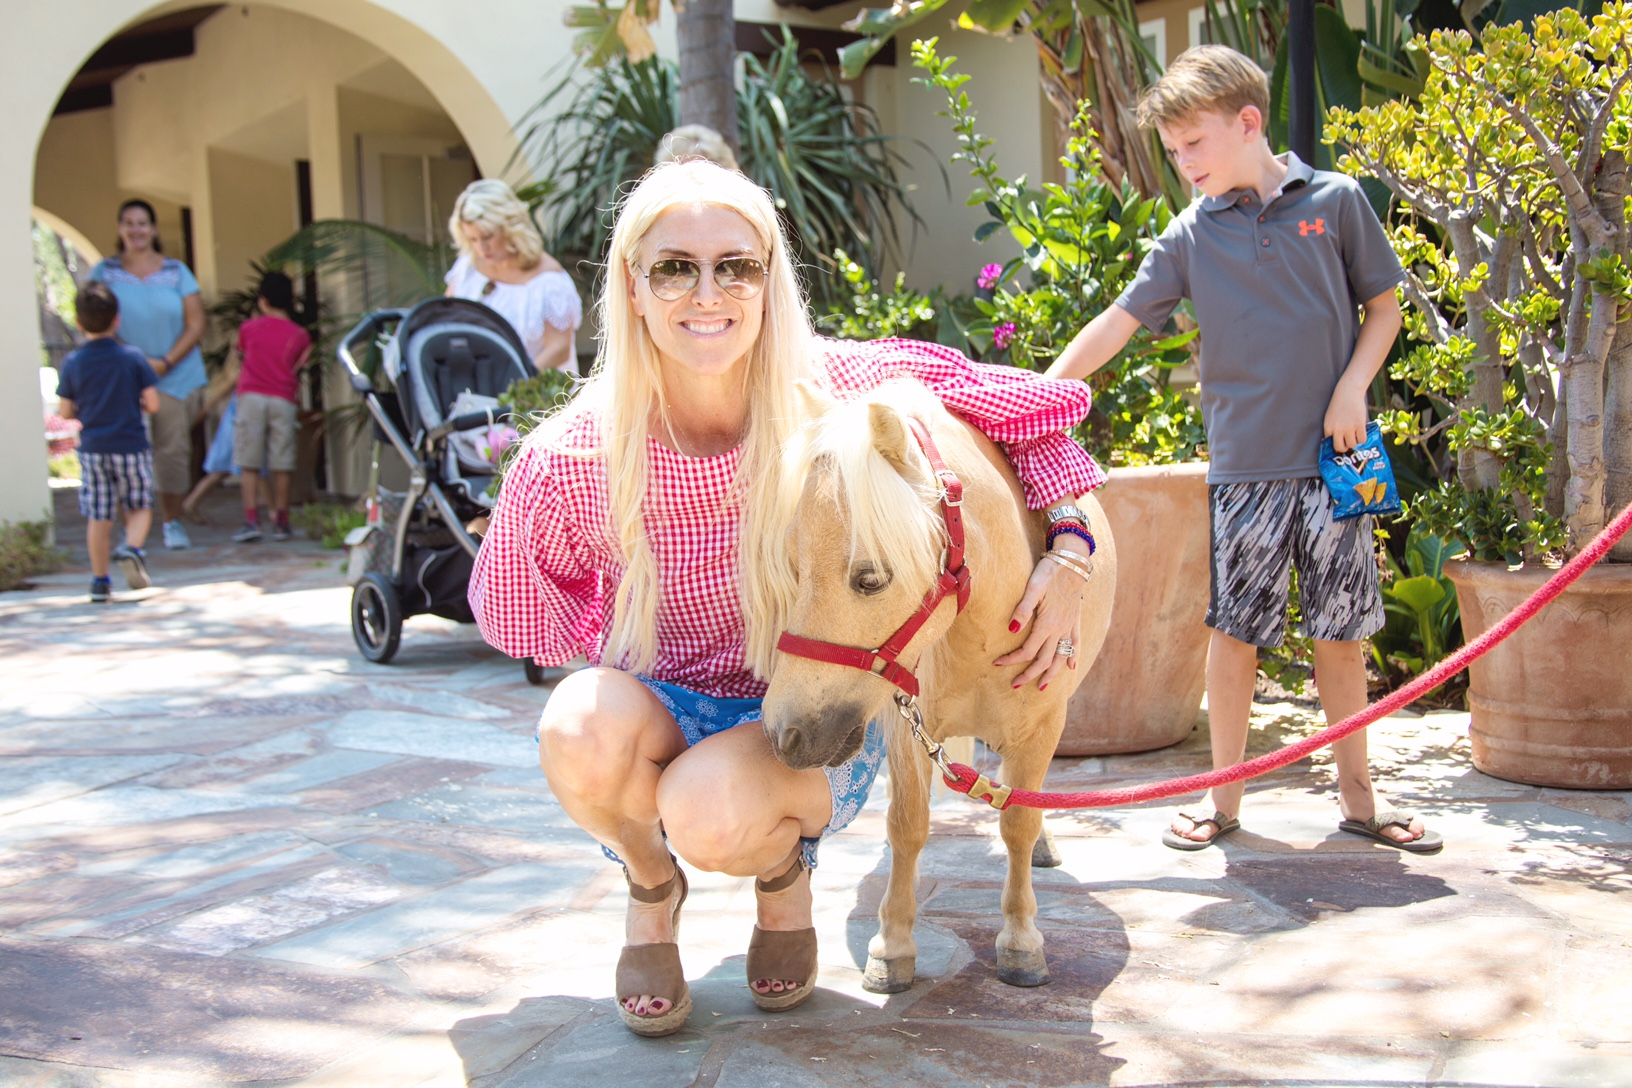 I LOVE baby horses!